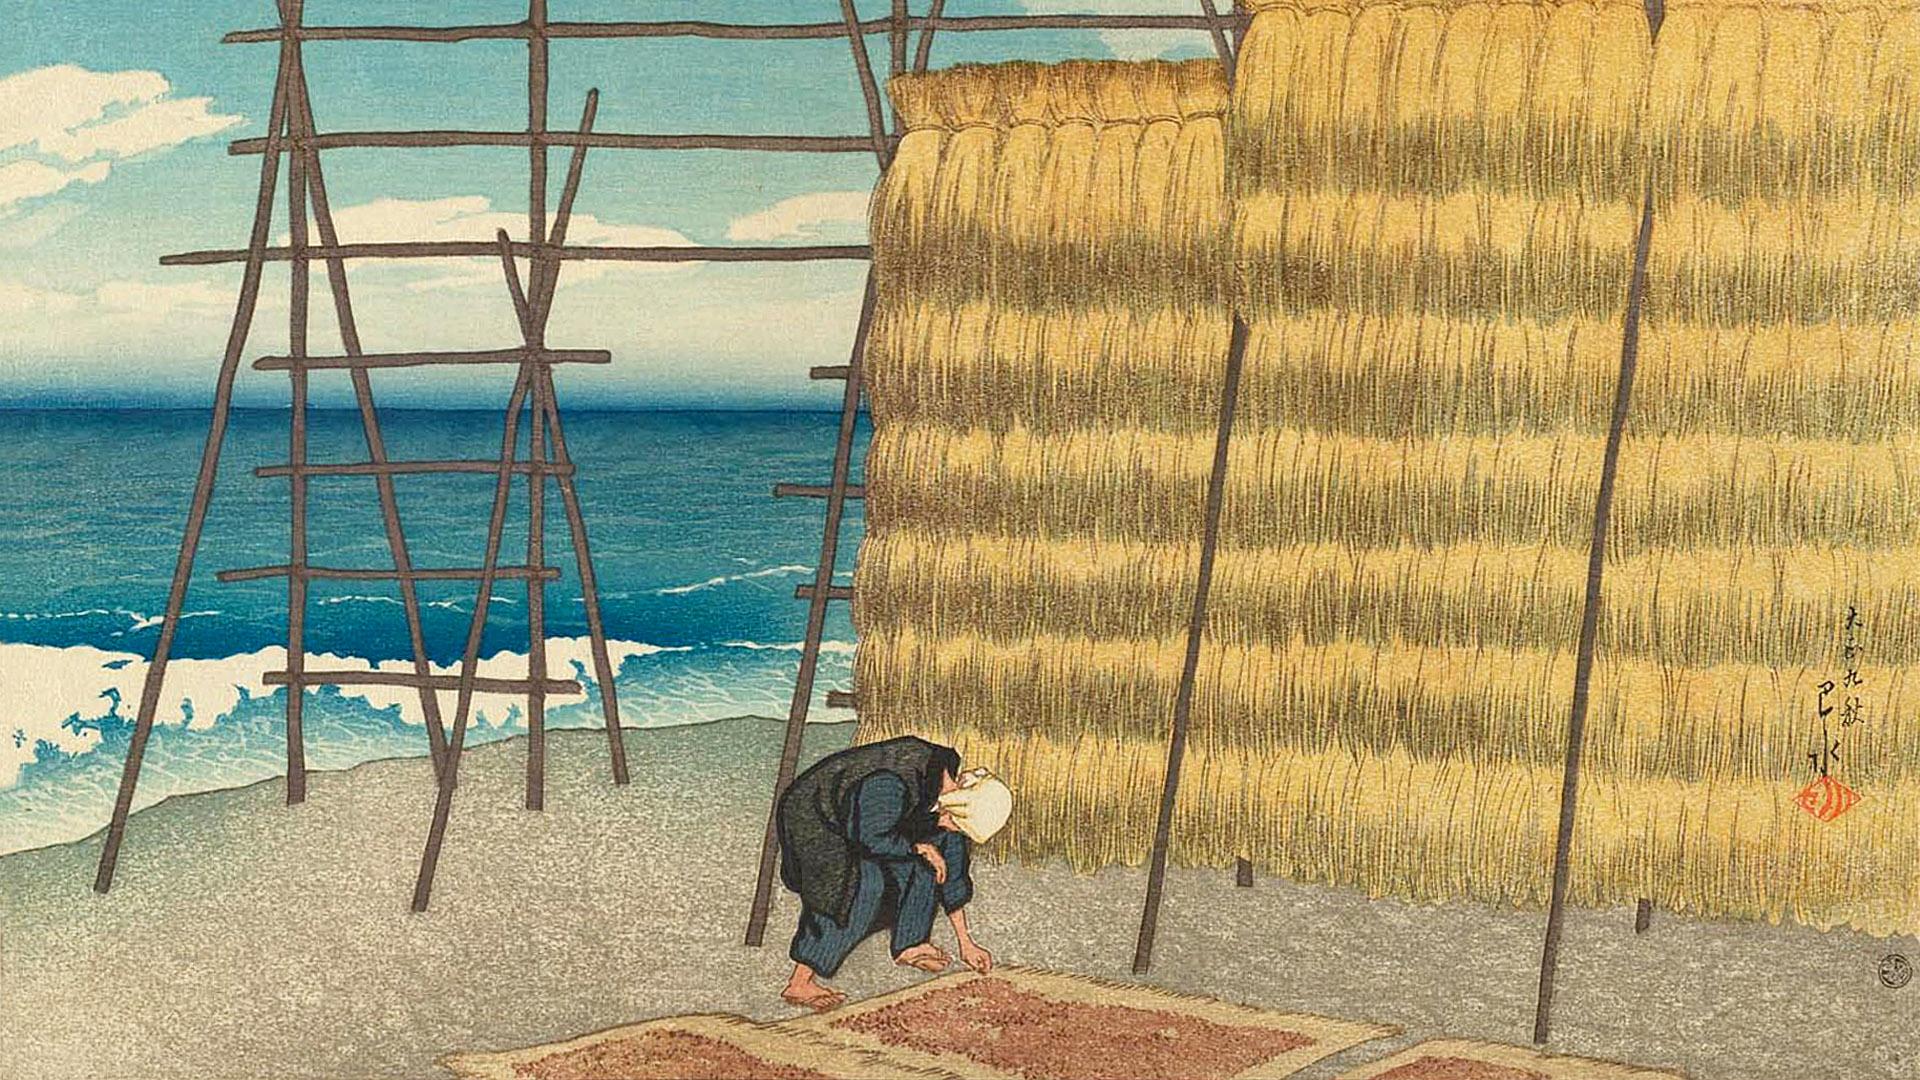 川瀬巴水 旅みやげ第一集 秋の越路 Kawase Hasui - Tabi miyage 1 Aki no koshiji 1920x1080